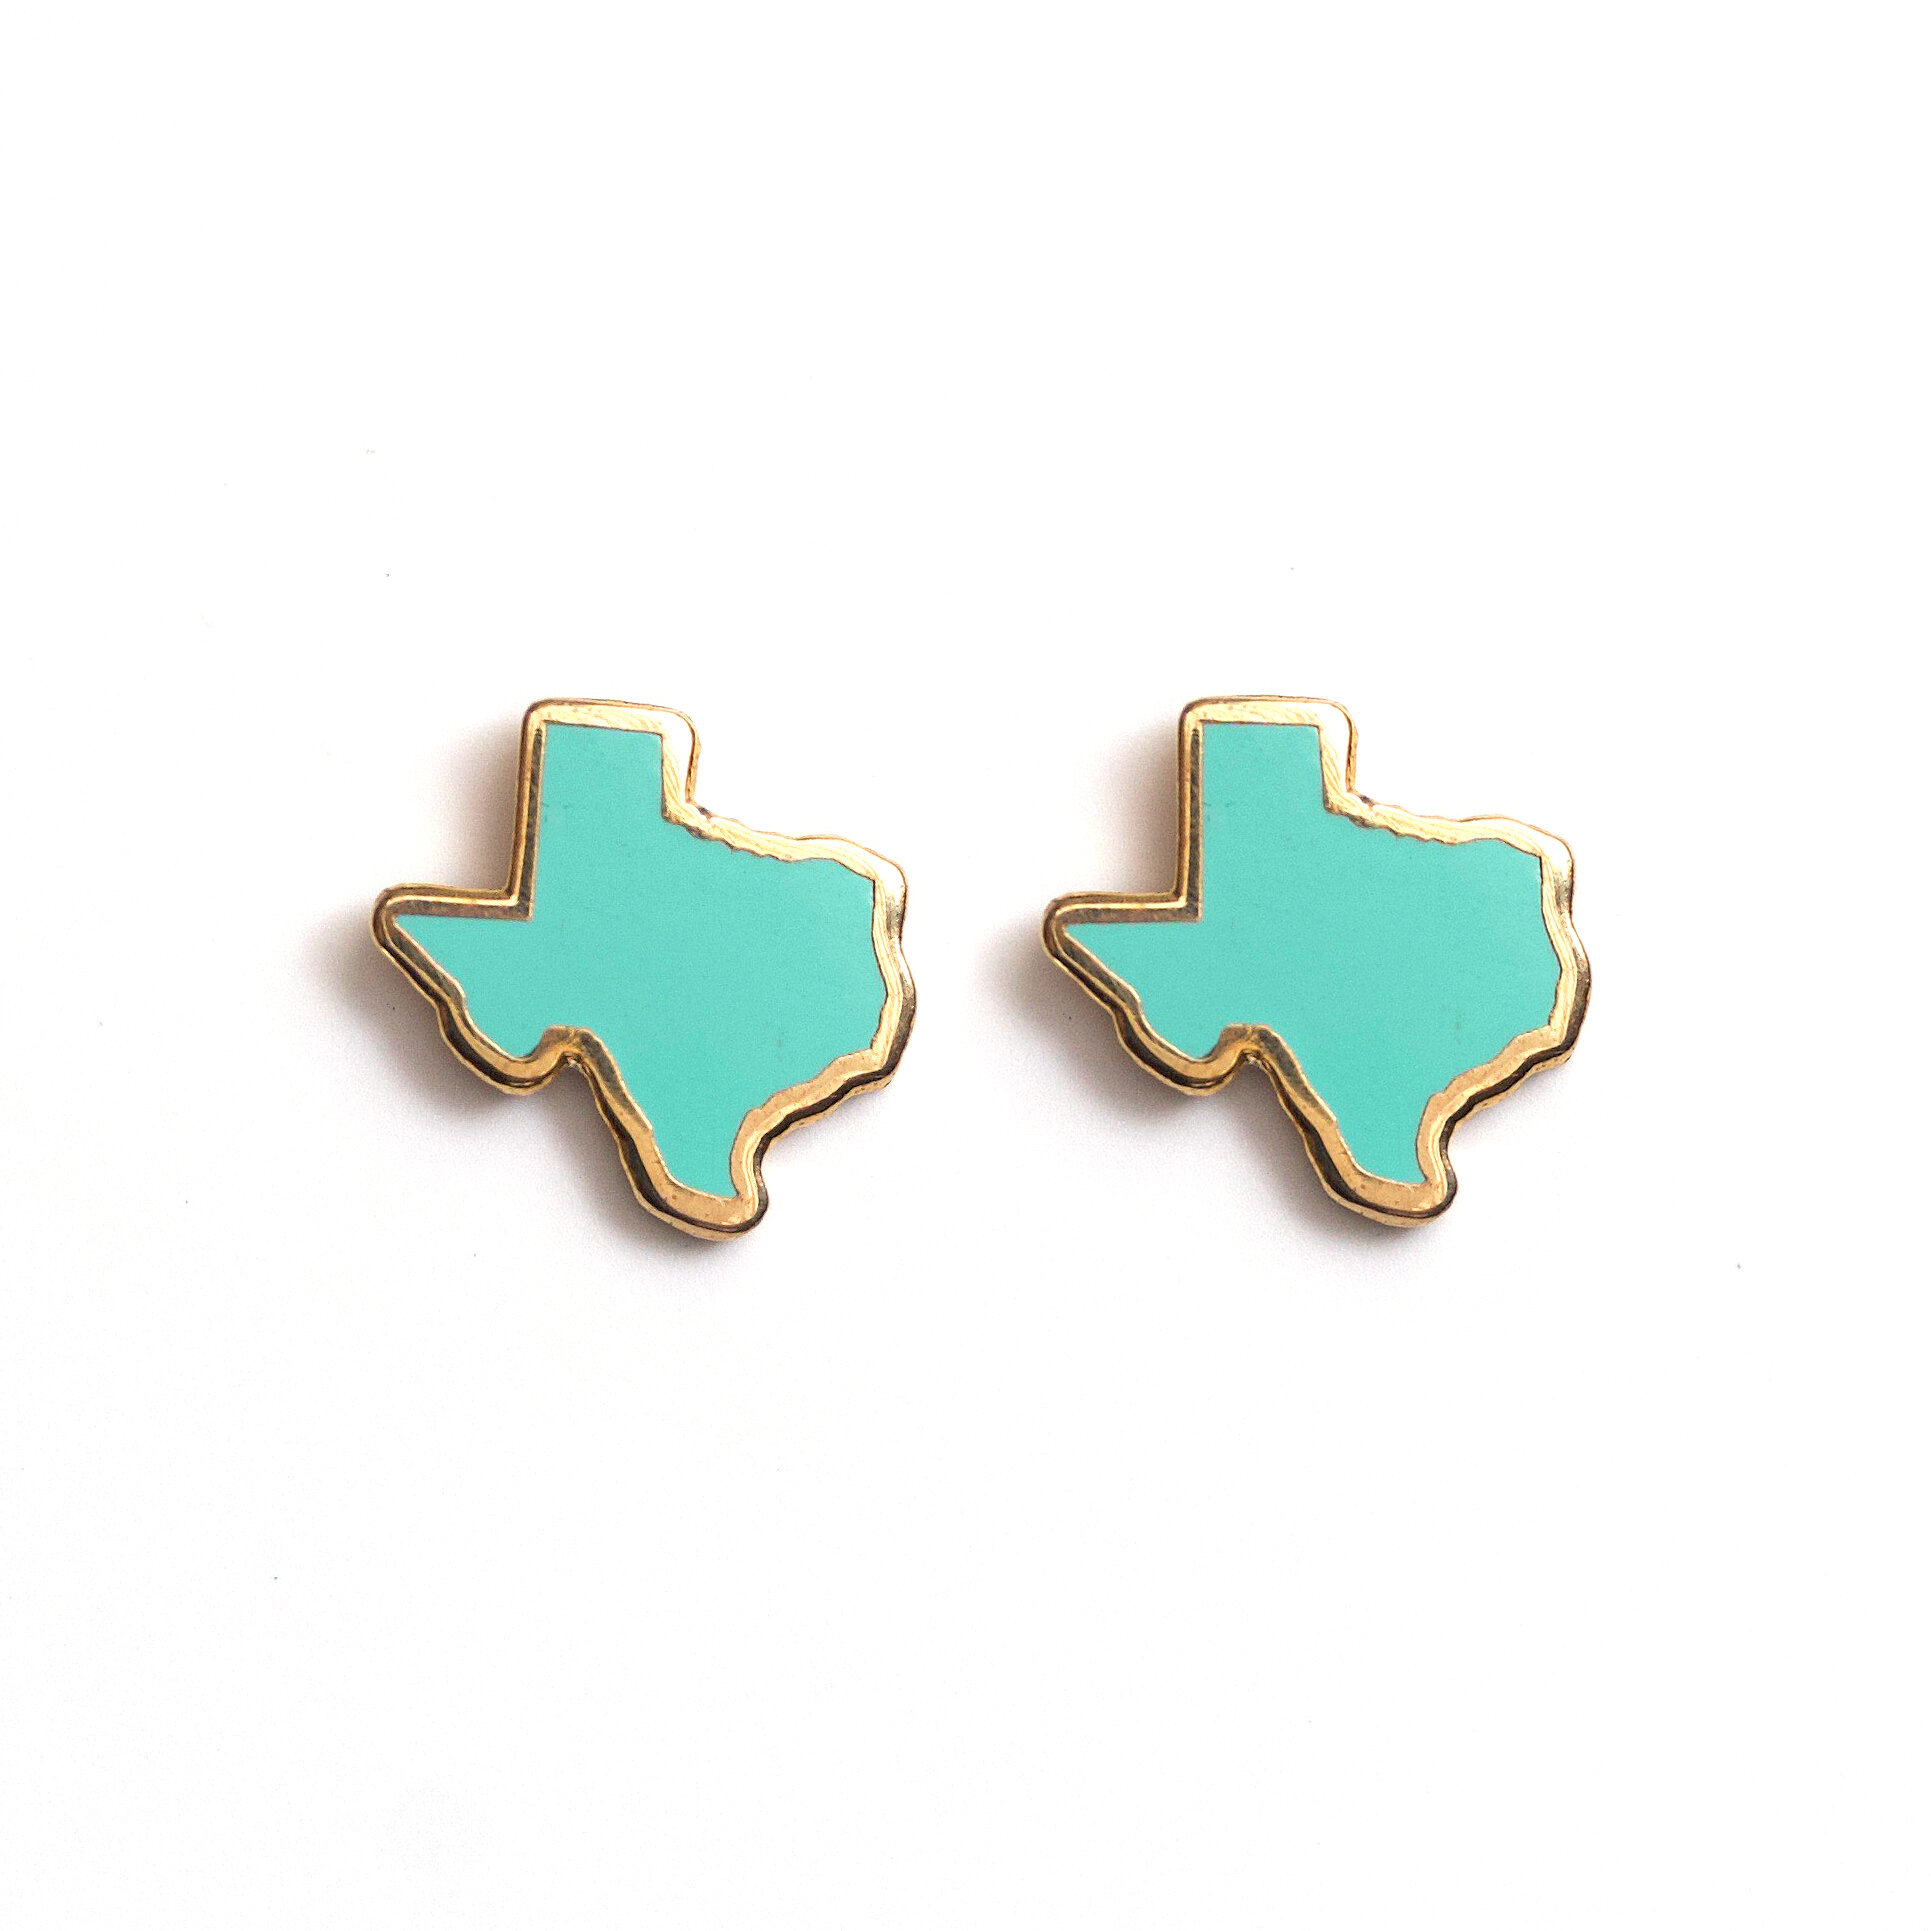 E6 - Teal Texas Earrings